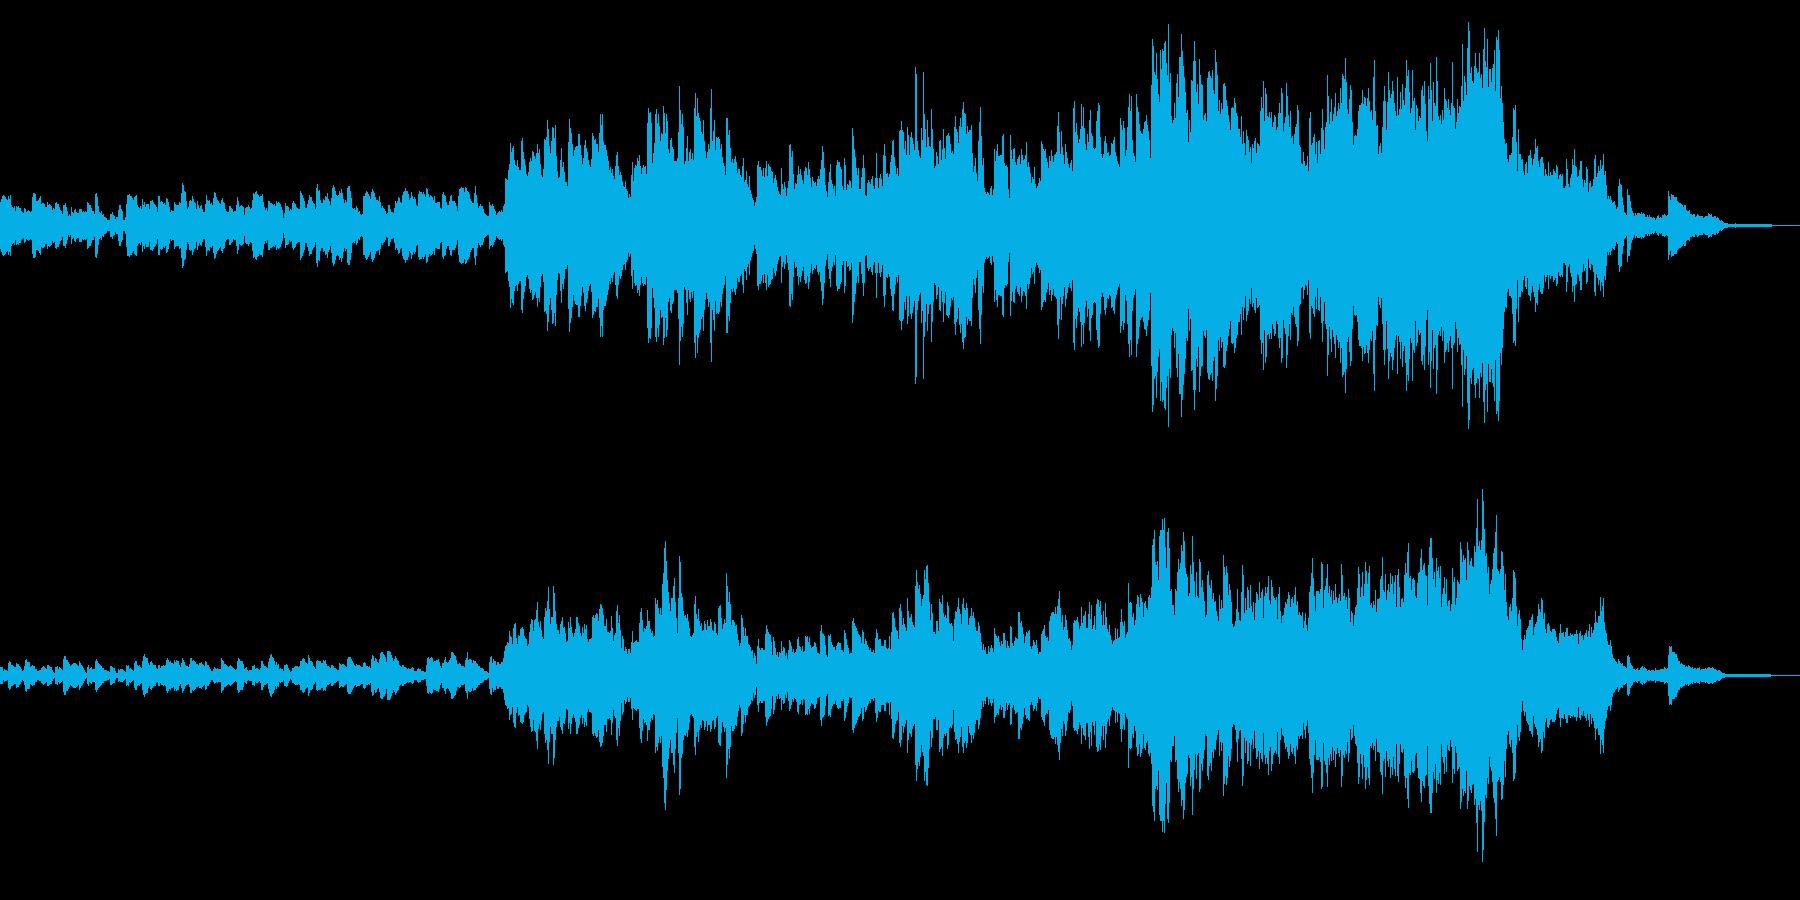 ハッピーエンドな楽曲の再生済みの波形